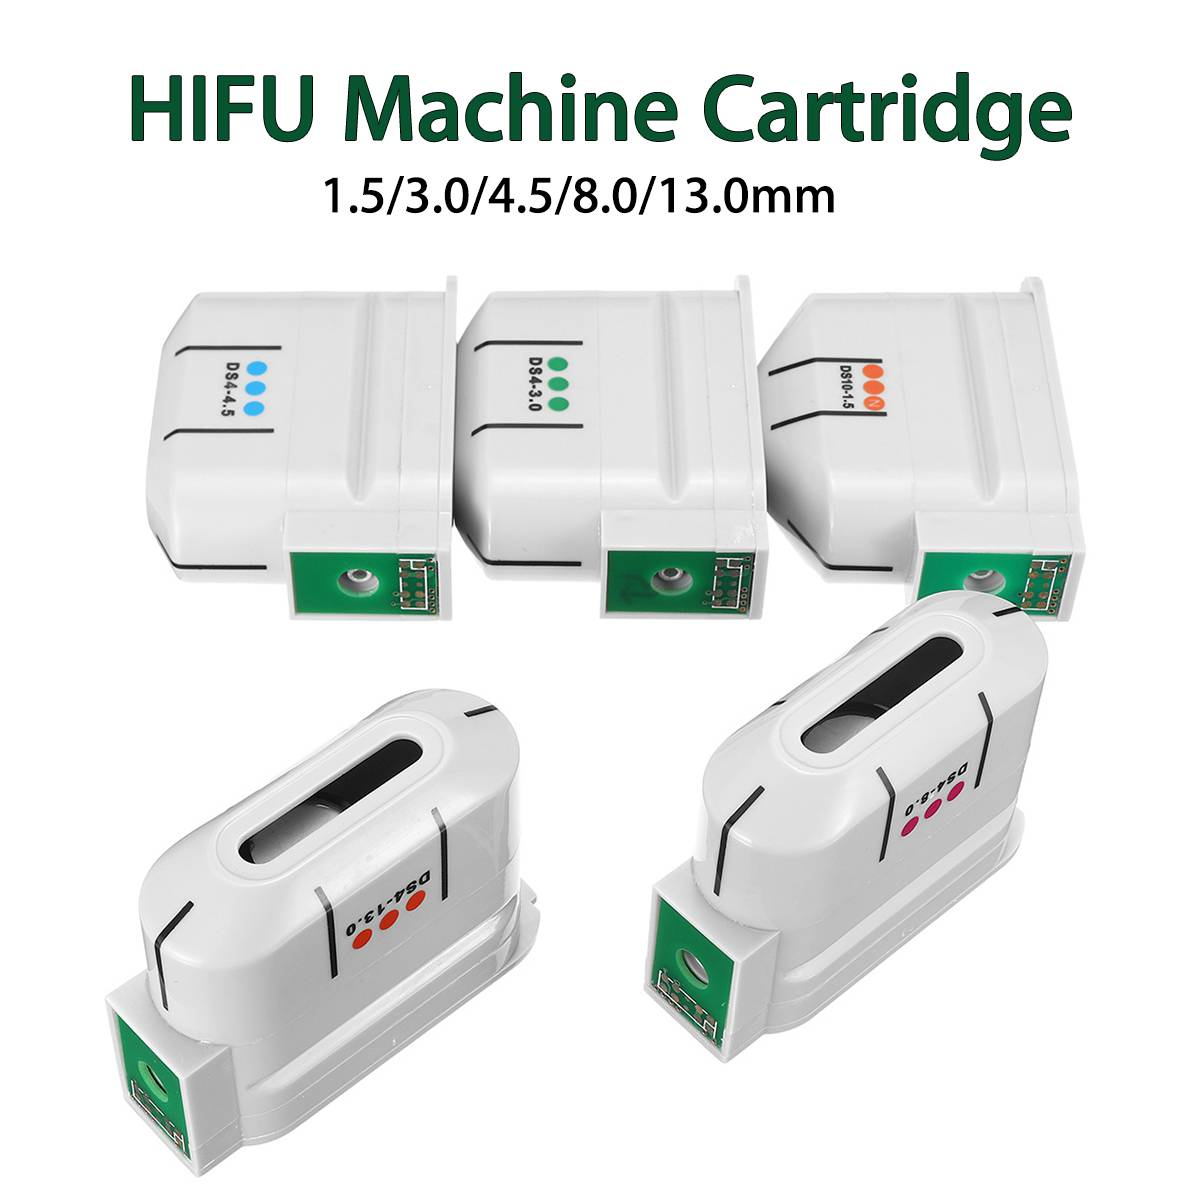 2019 Ulformula1 Transdutor HIFU HIFU Ultrasound Máquina Rosto Anti Envelhecimento 10000 tiros/Trocável Cartucho HIFU Corpo Facial